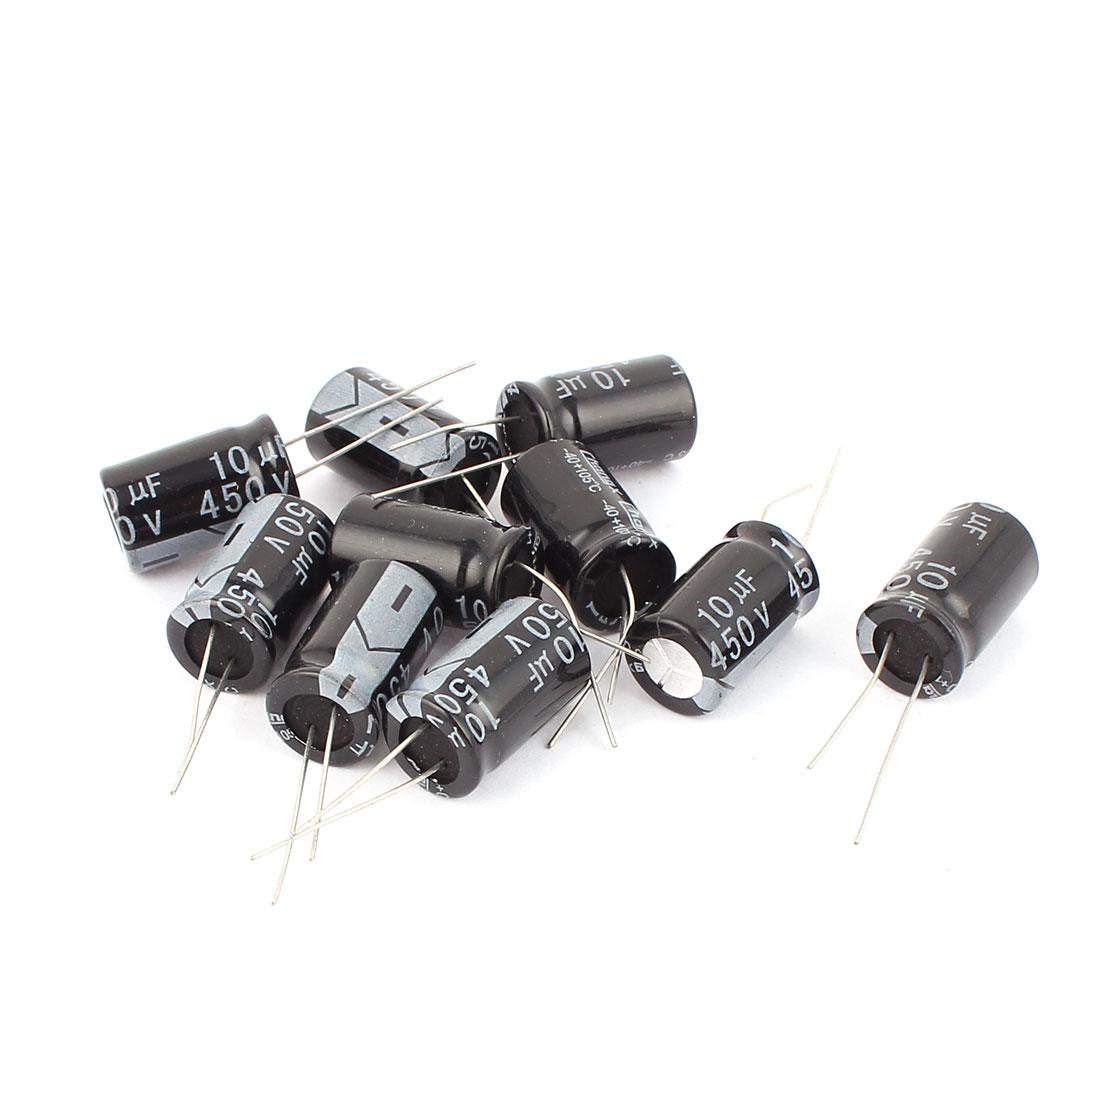 10 Pcs 10uF 450V SMD Aluminum Electrolytic Capacitors 13mm x 21.5mm